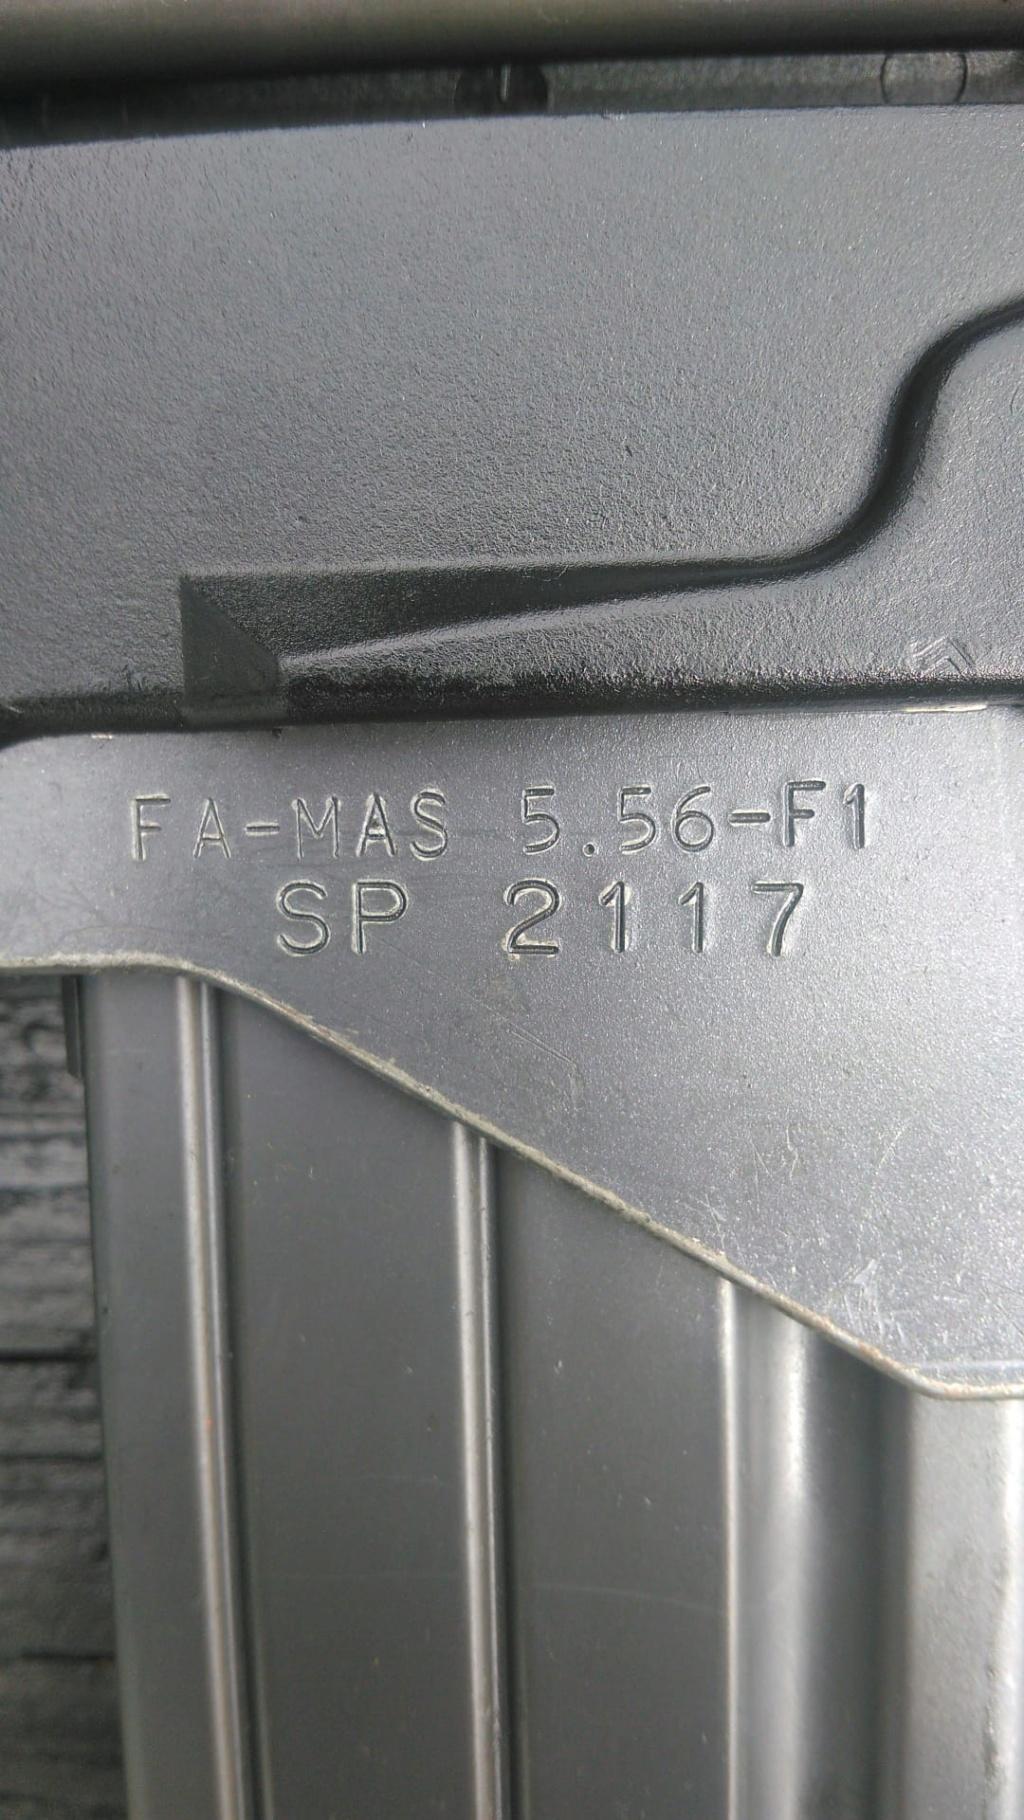 FA-MAS 5.56-F1 Famas310